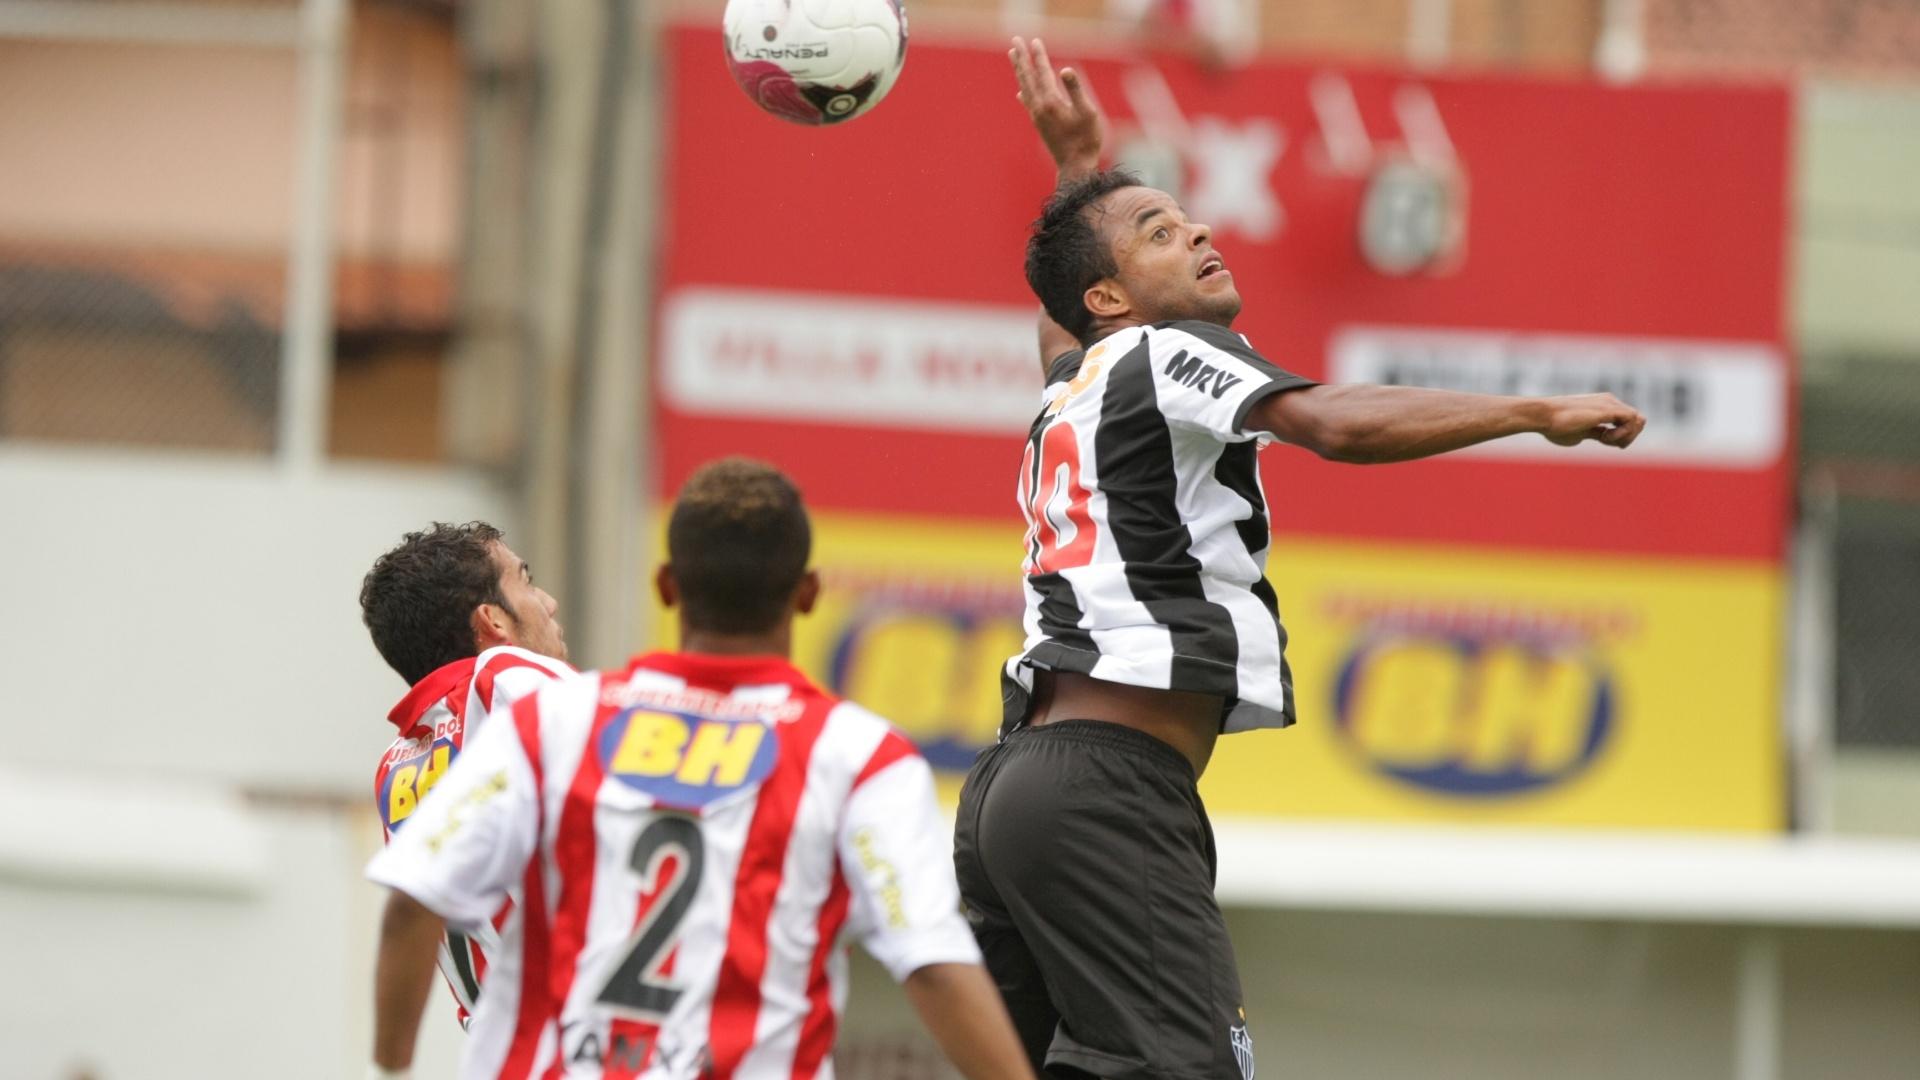 Mancini disputa bola em jogo do Atlético-MG contra o Vila Nova, pelo Campeonato Mineiro